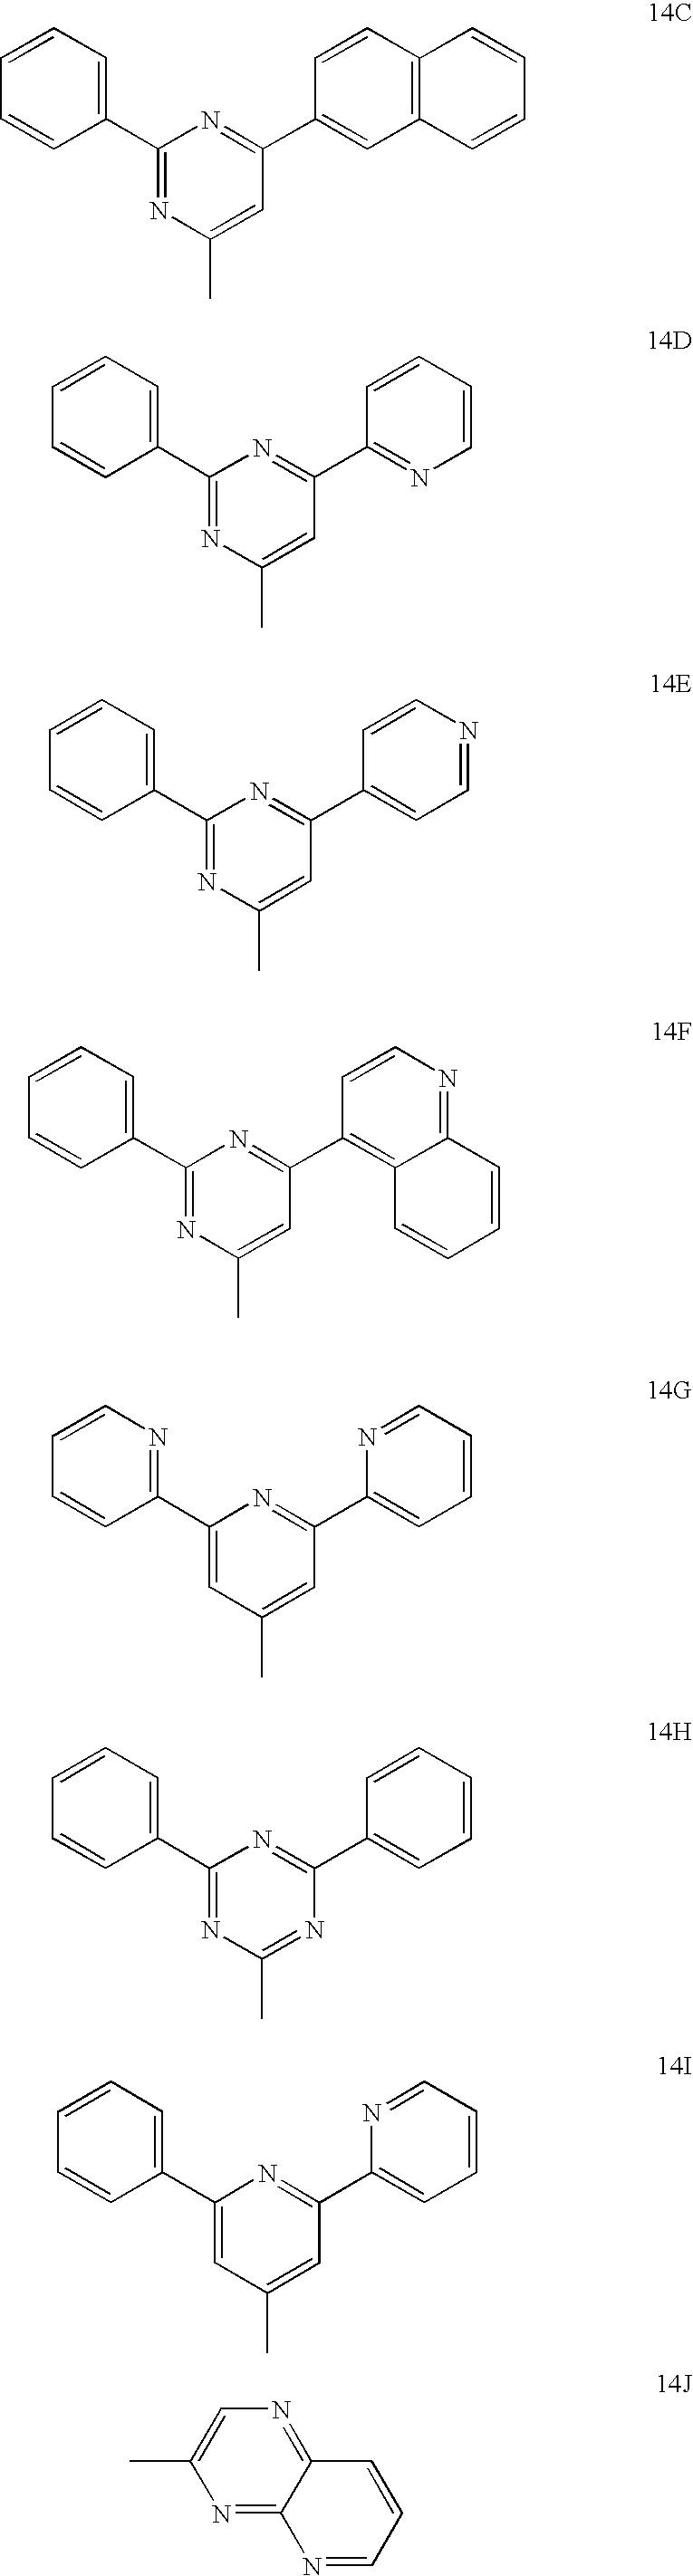 Figure US07875367-20110125-C00059